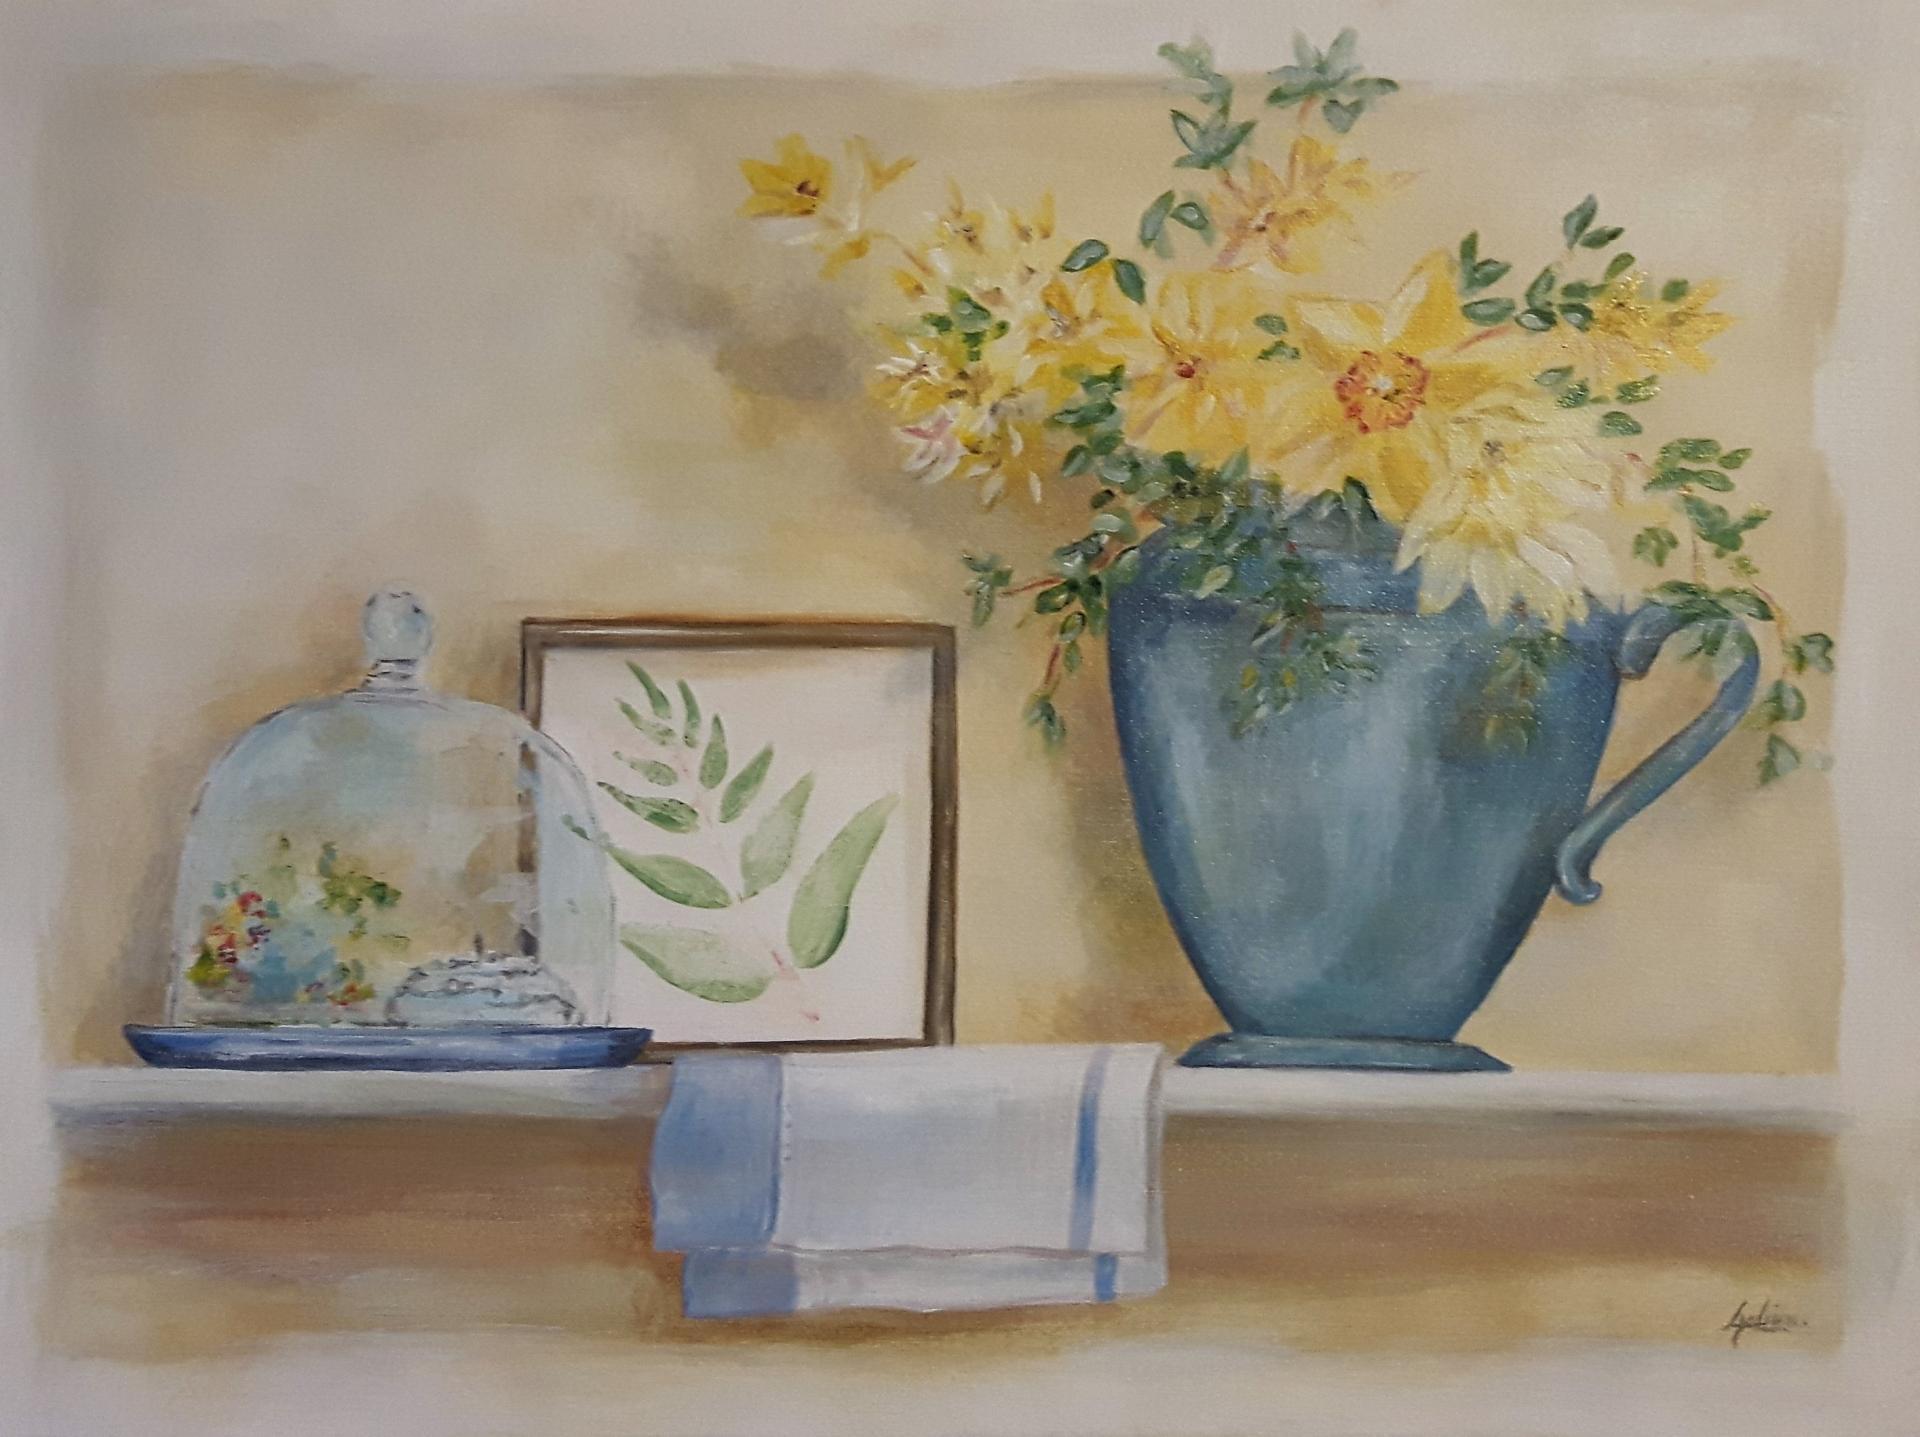 Décoration en bleu et jaune